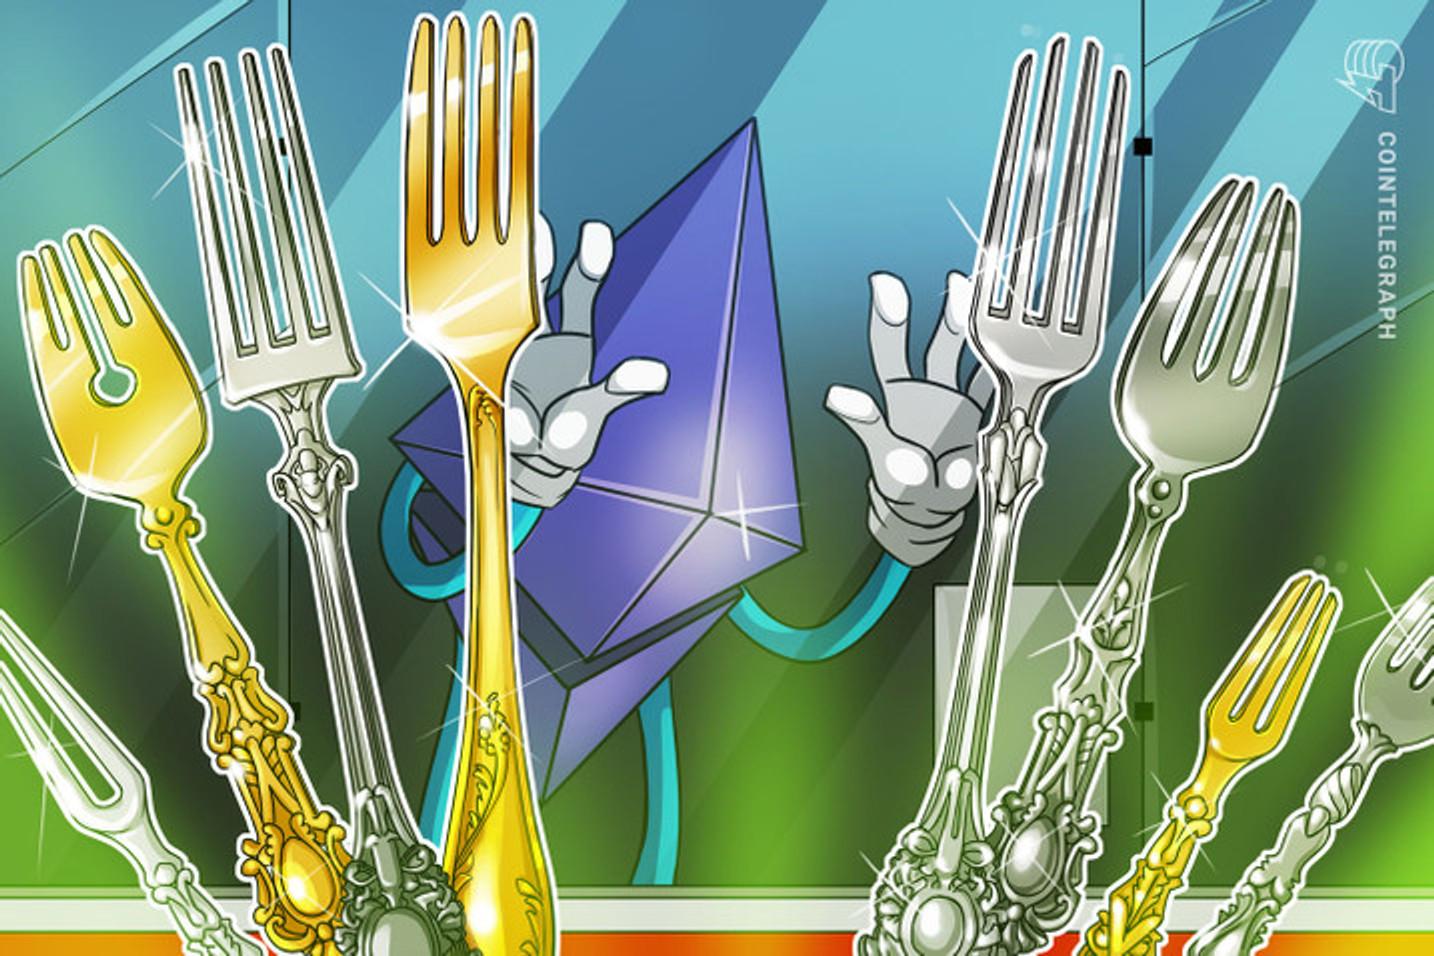 Conoce los próximos hard forks de los proyectos Blockchain a ocurrir este mes de Junio